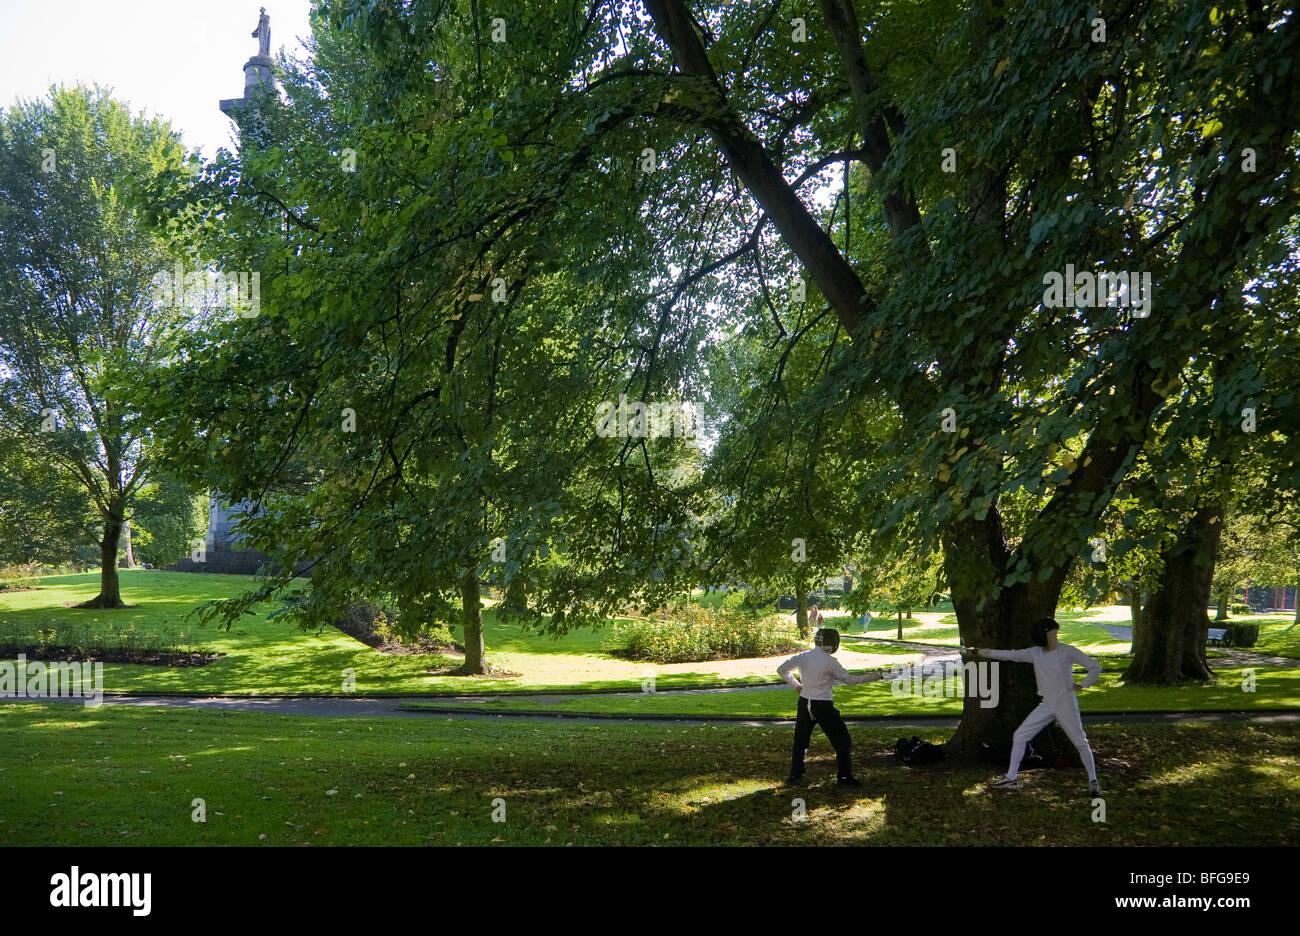 Practicar esgrima en el parque del pueblo, de la ciudad de Limerick, Irlanda Imagen De Stock